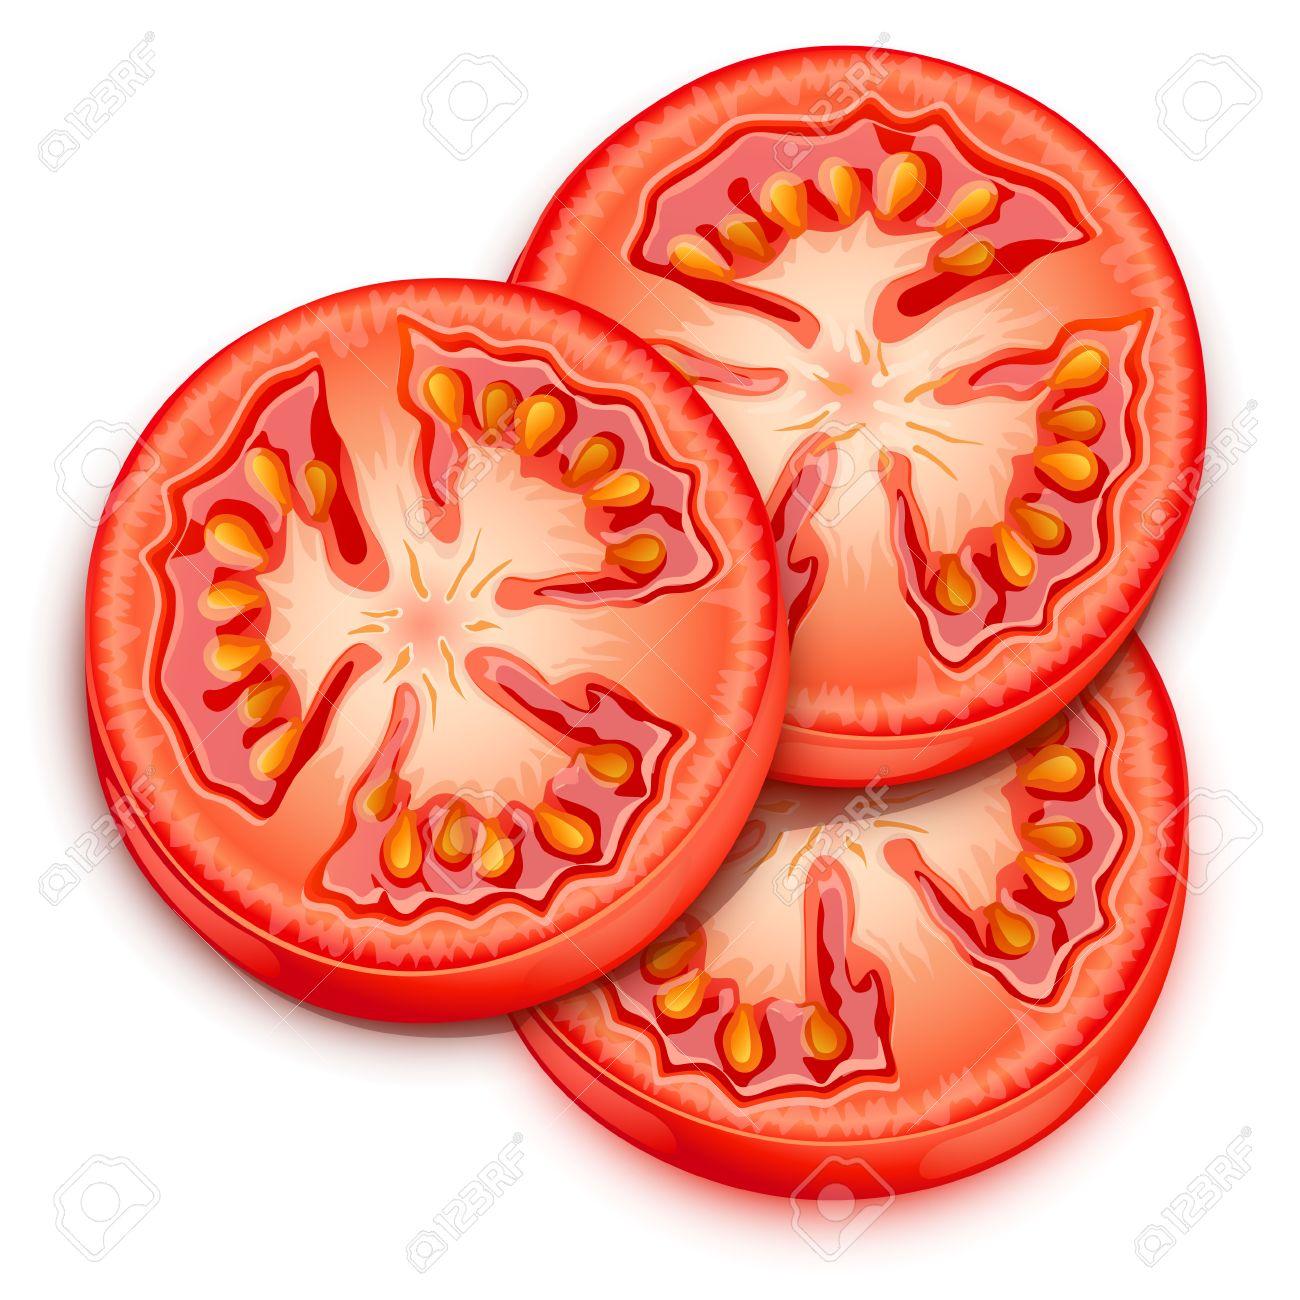 1300x1300 Cherry Tomato Clipart Sliced Tomato